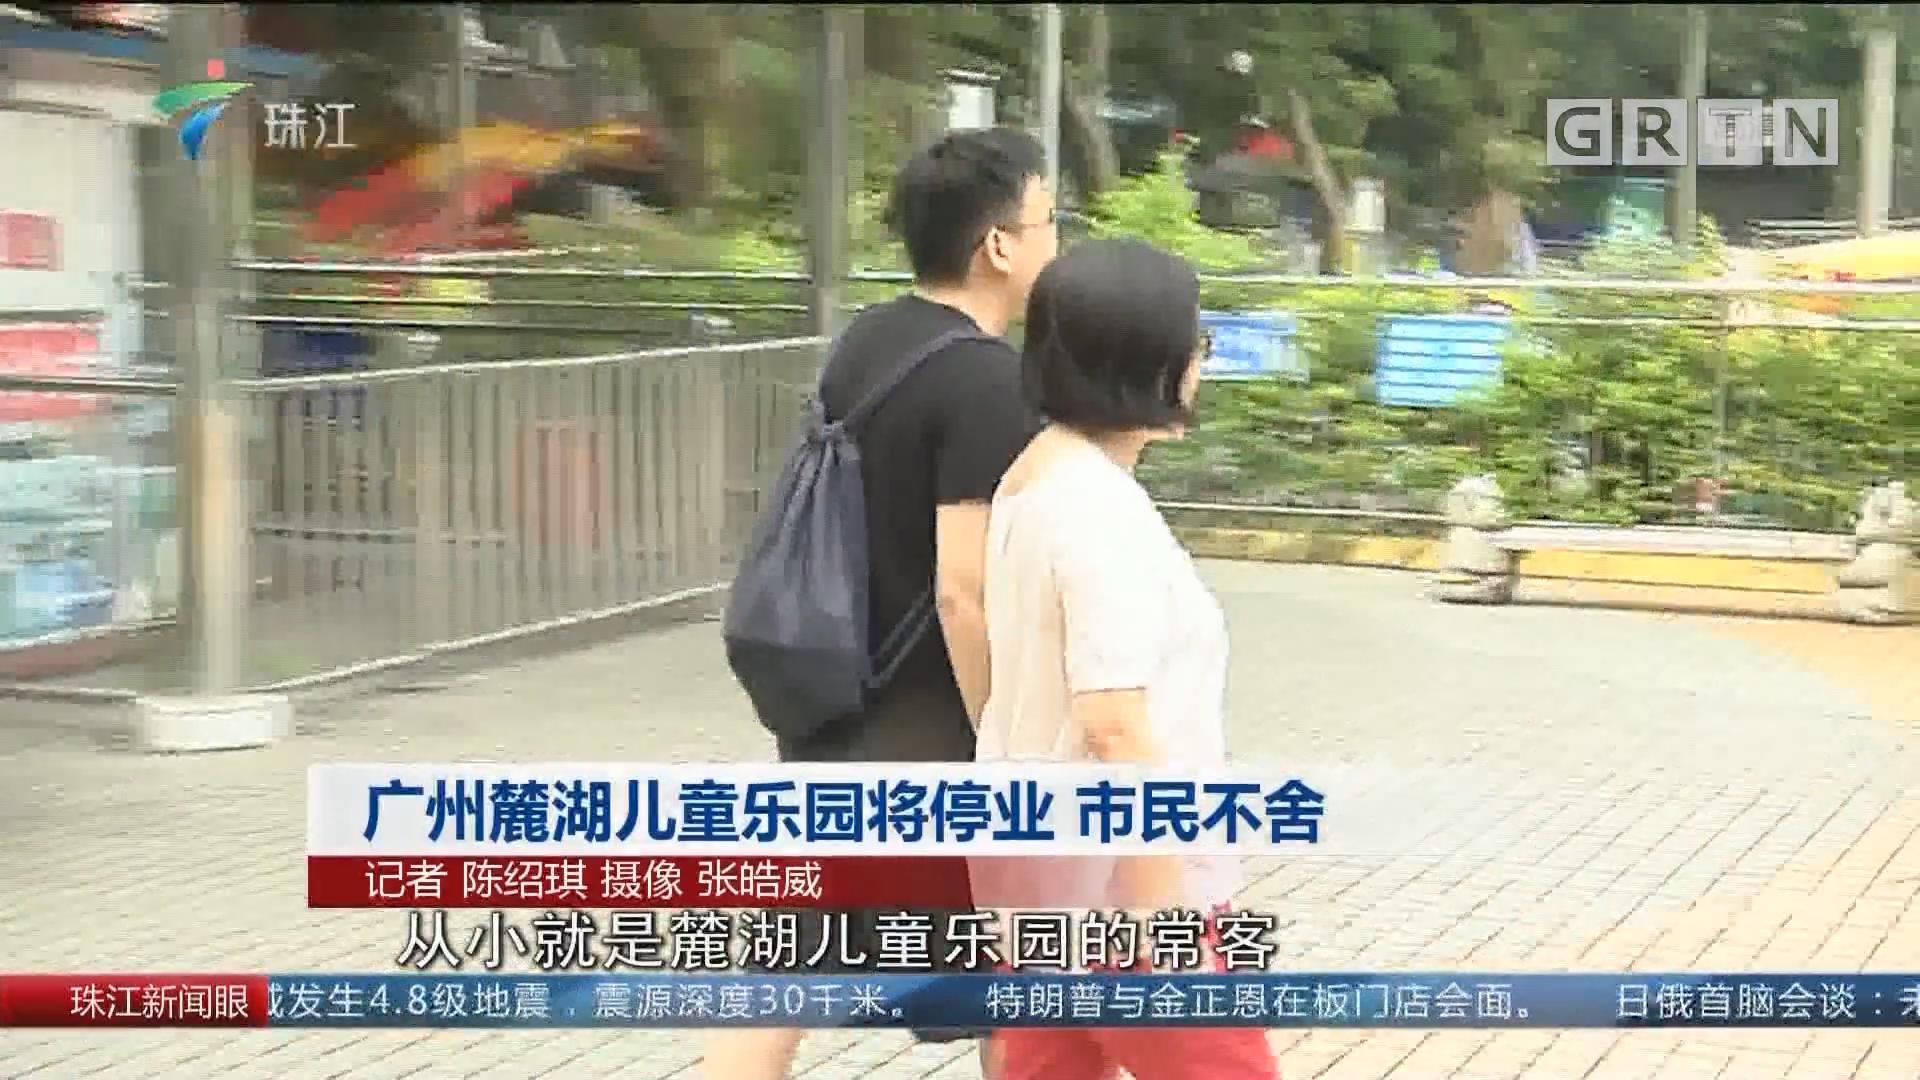 广州麓湖儿童乐园将停业 市民不舍